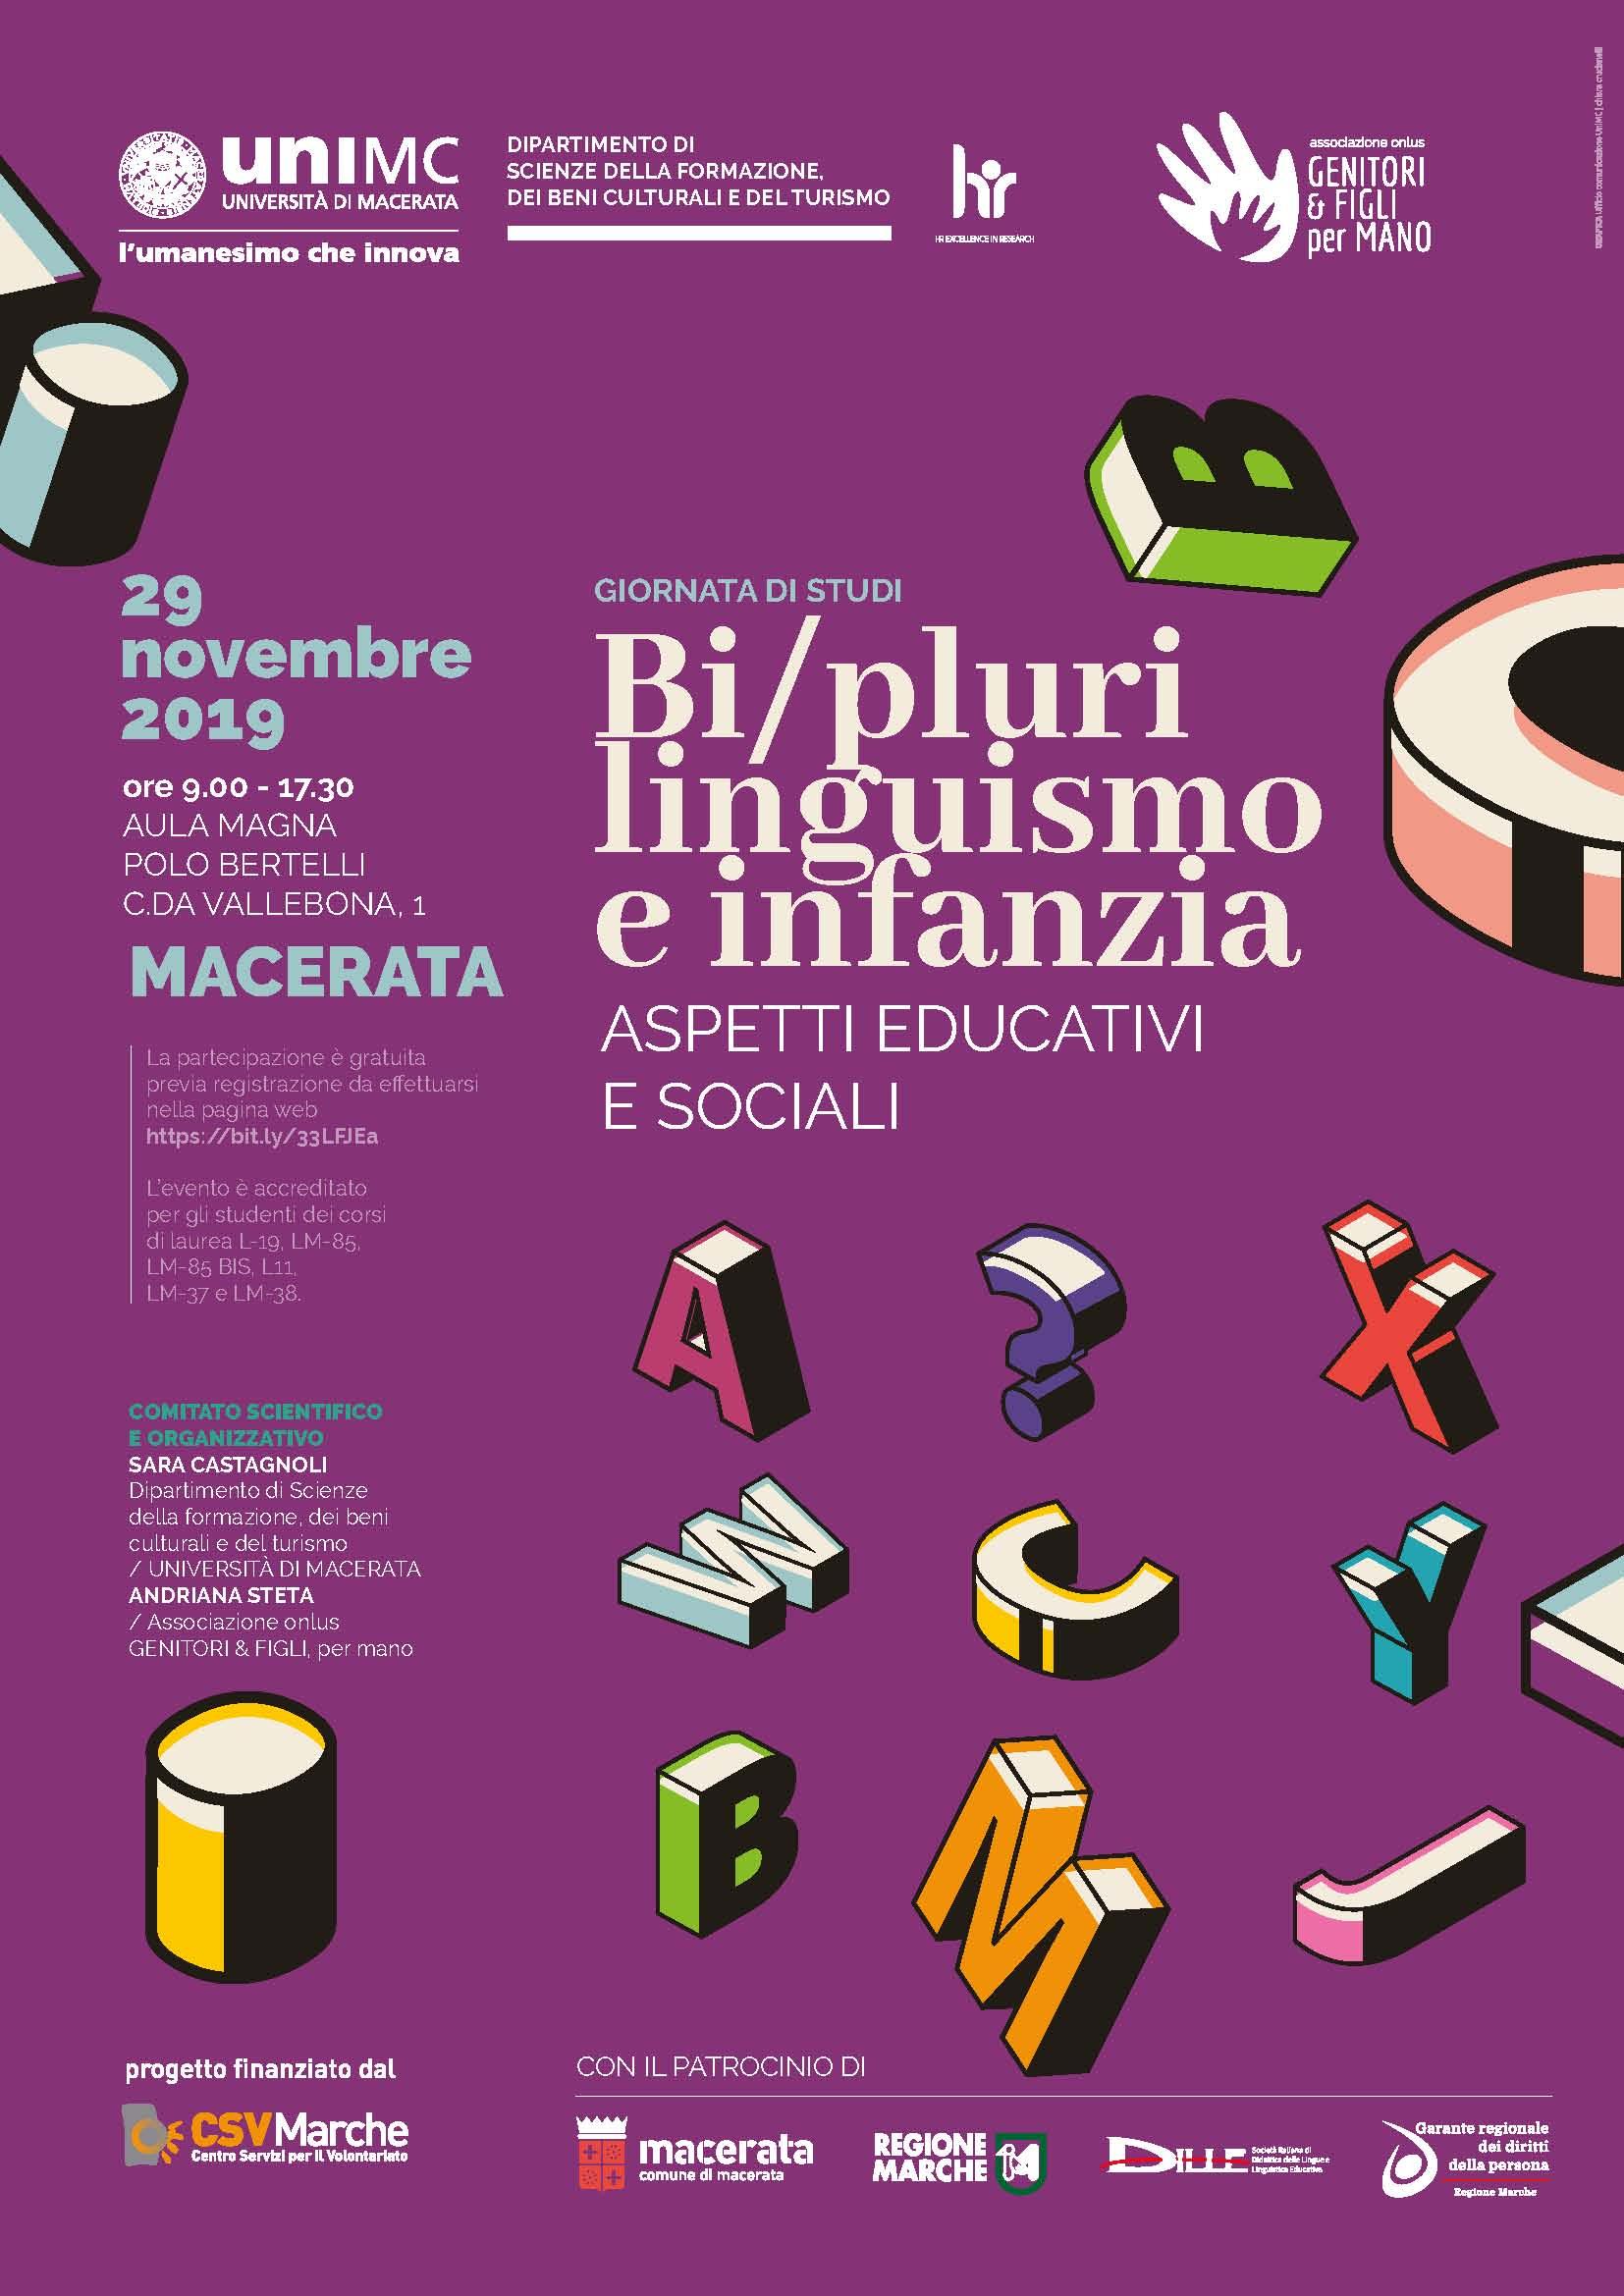 """Giornata di studi """"Bi-/Plurilinguismo e infanzia: aspetti educativi e sociali"""""""